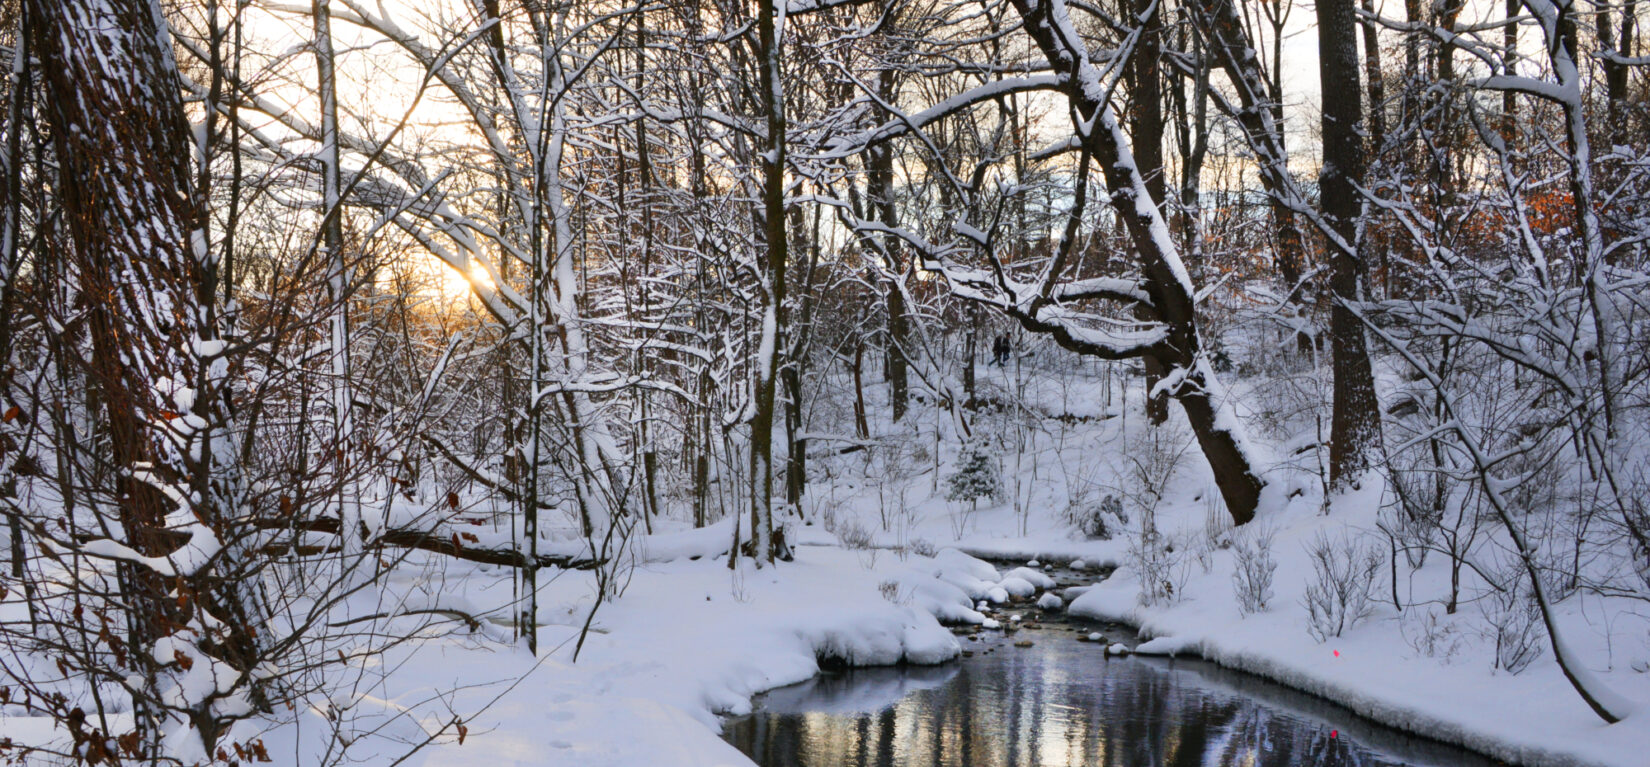 Ravine Winter 8430